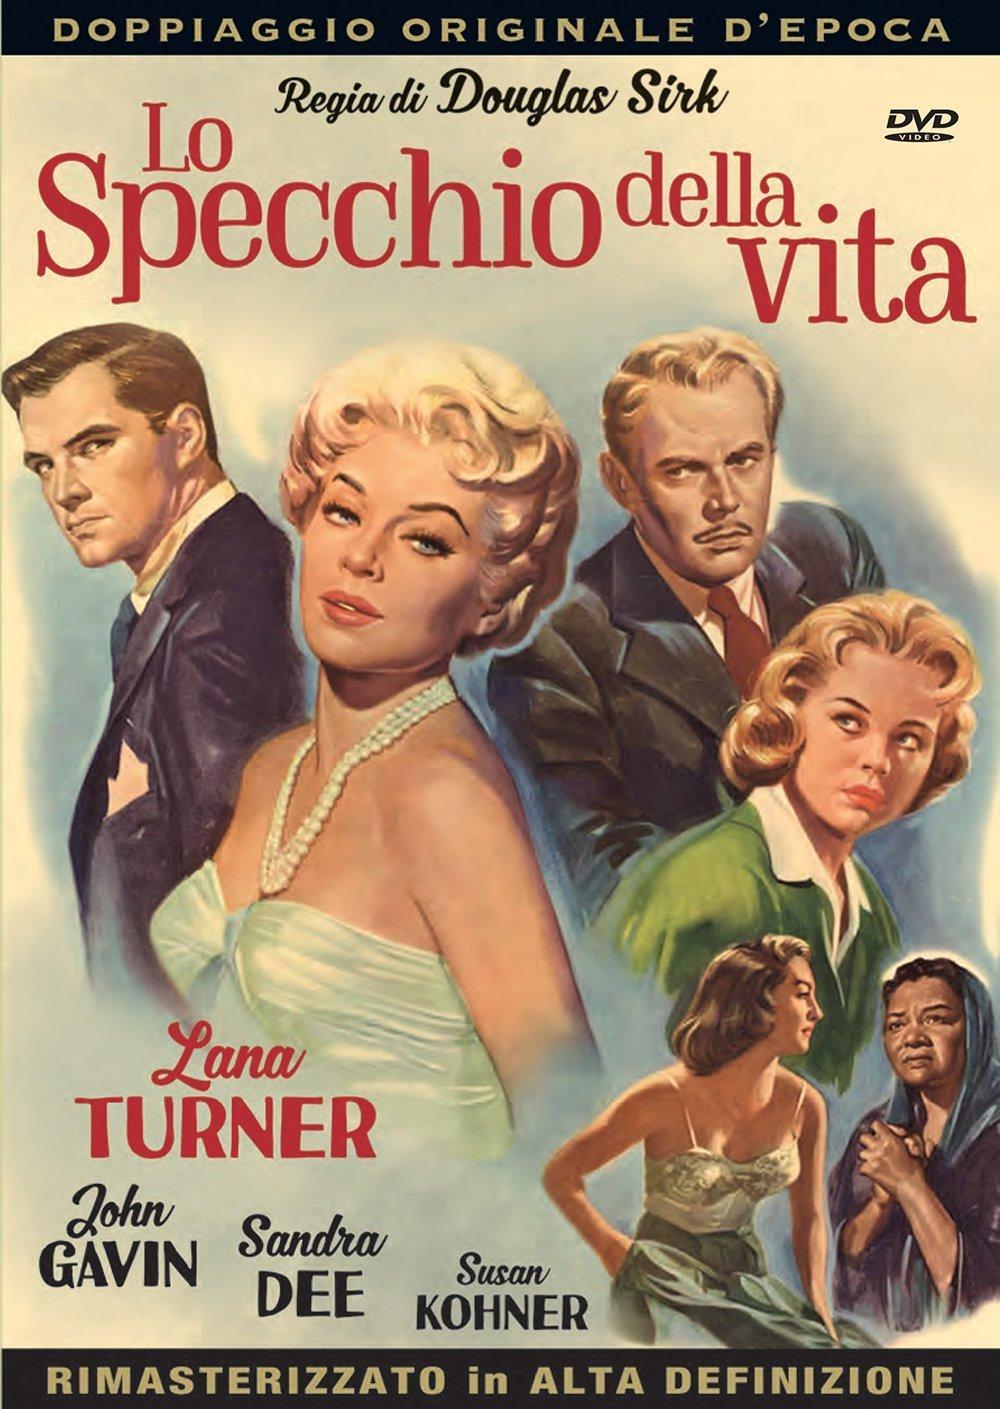 LO SPECCHIO DELLA VITA (DVD)